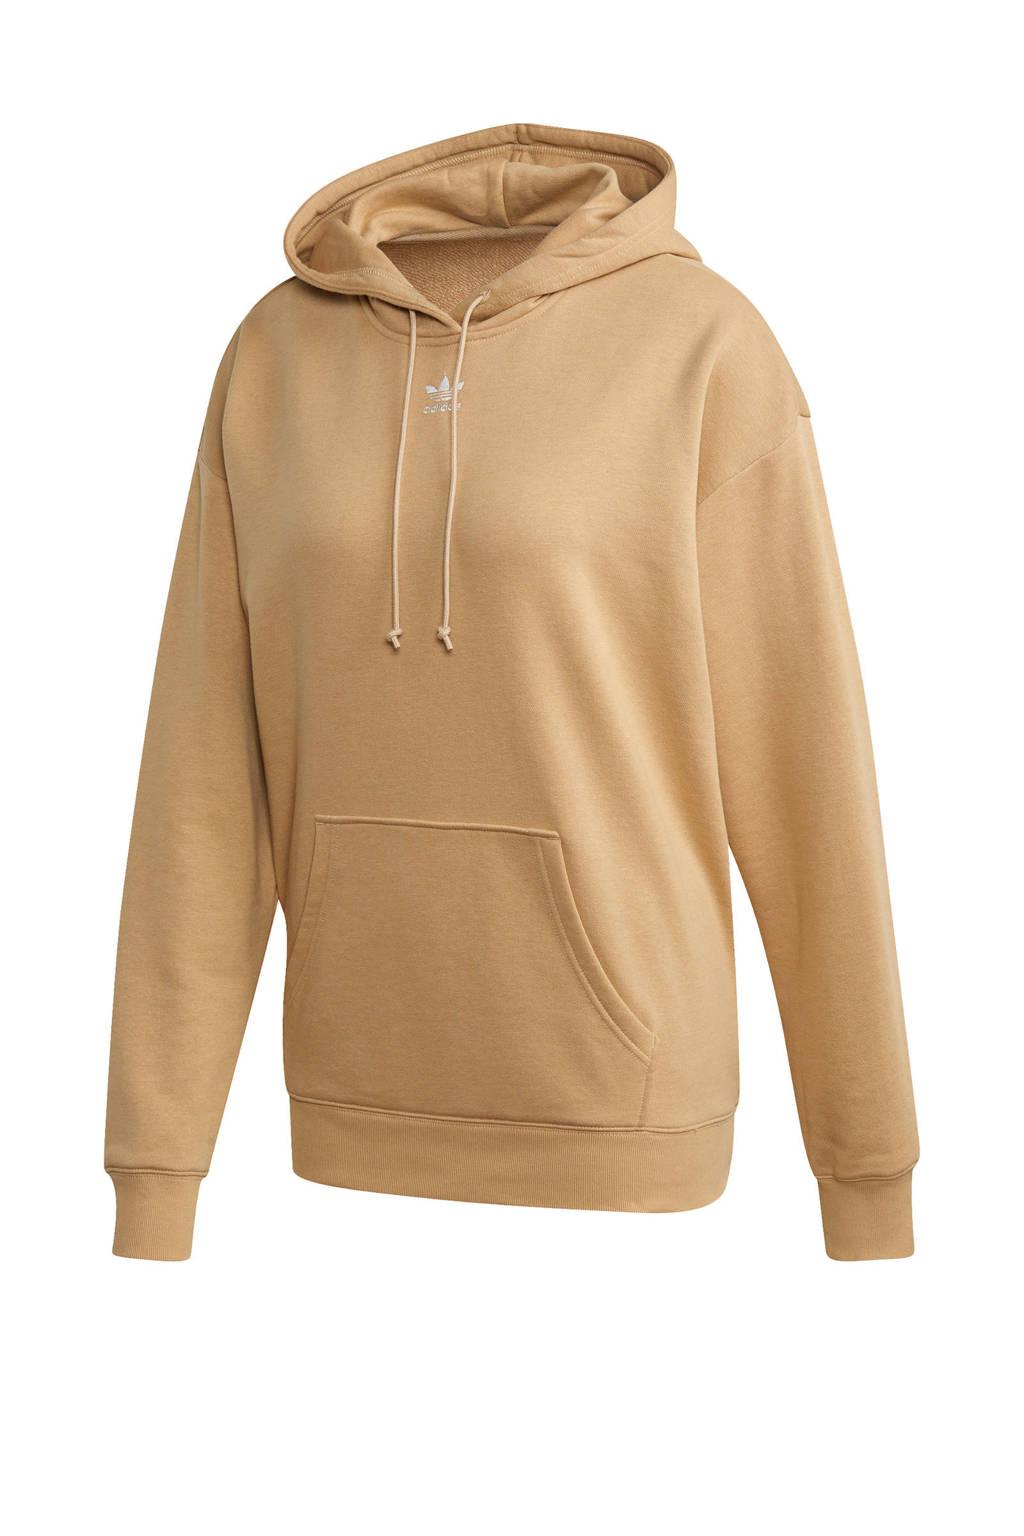 adidas Originals hoodie zand, Zand